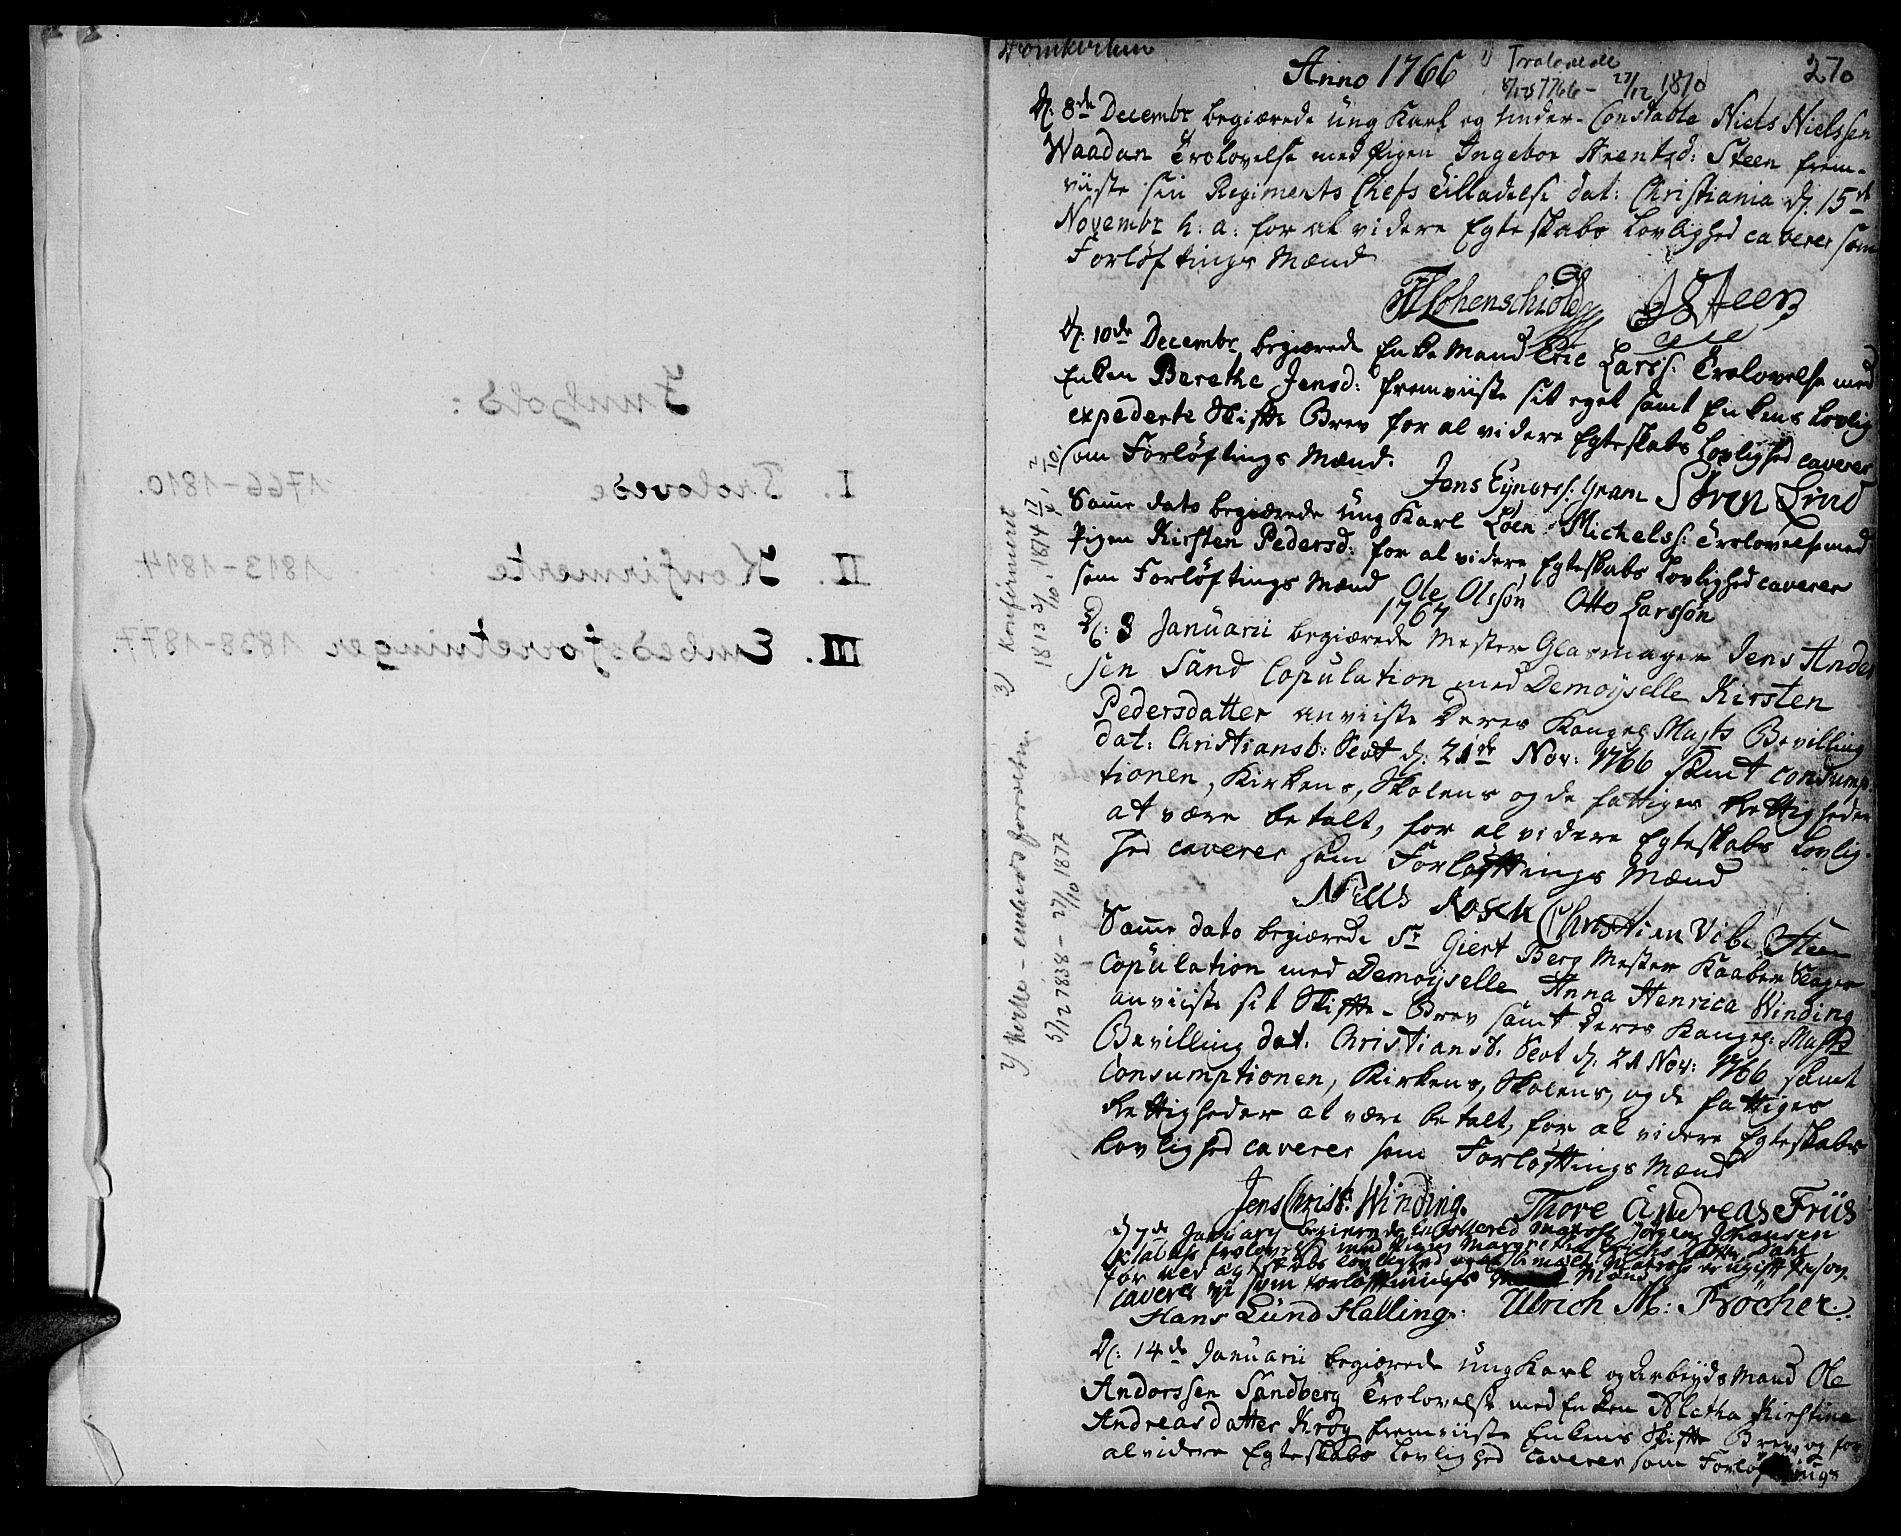 SAT, Ministerialprotokoller, klokkerbøker og fødselsregistre - Sør-Trøndelag, 601/L0038: Ministerialbok nr. 601A06, 1766-1877, s. 270